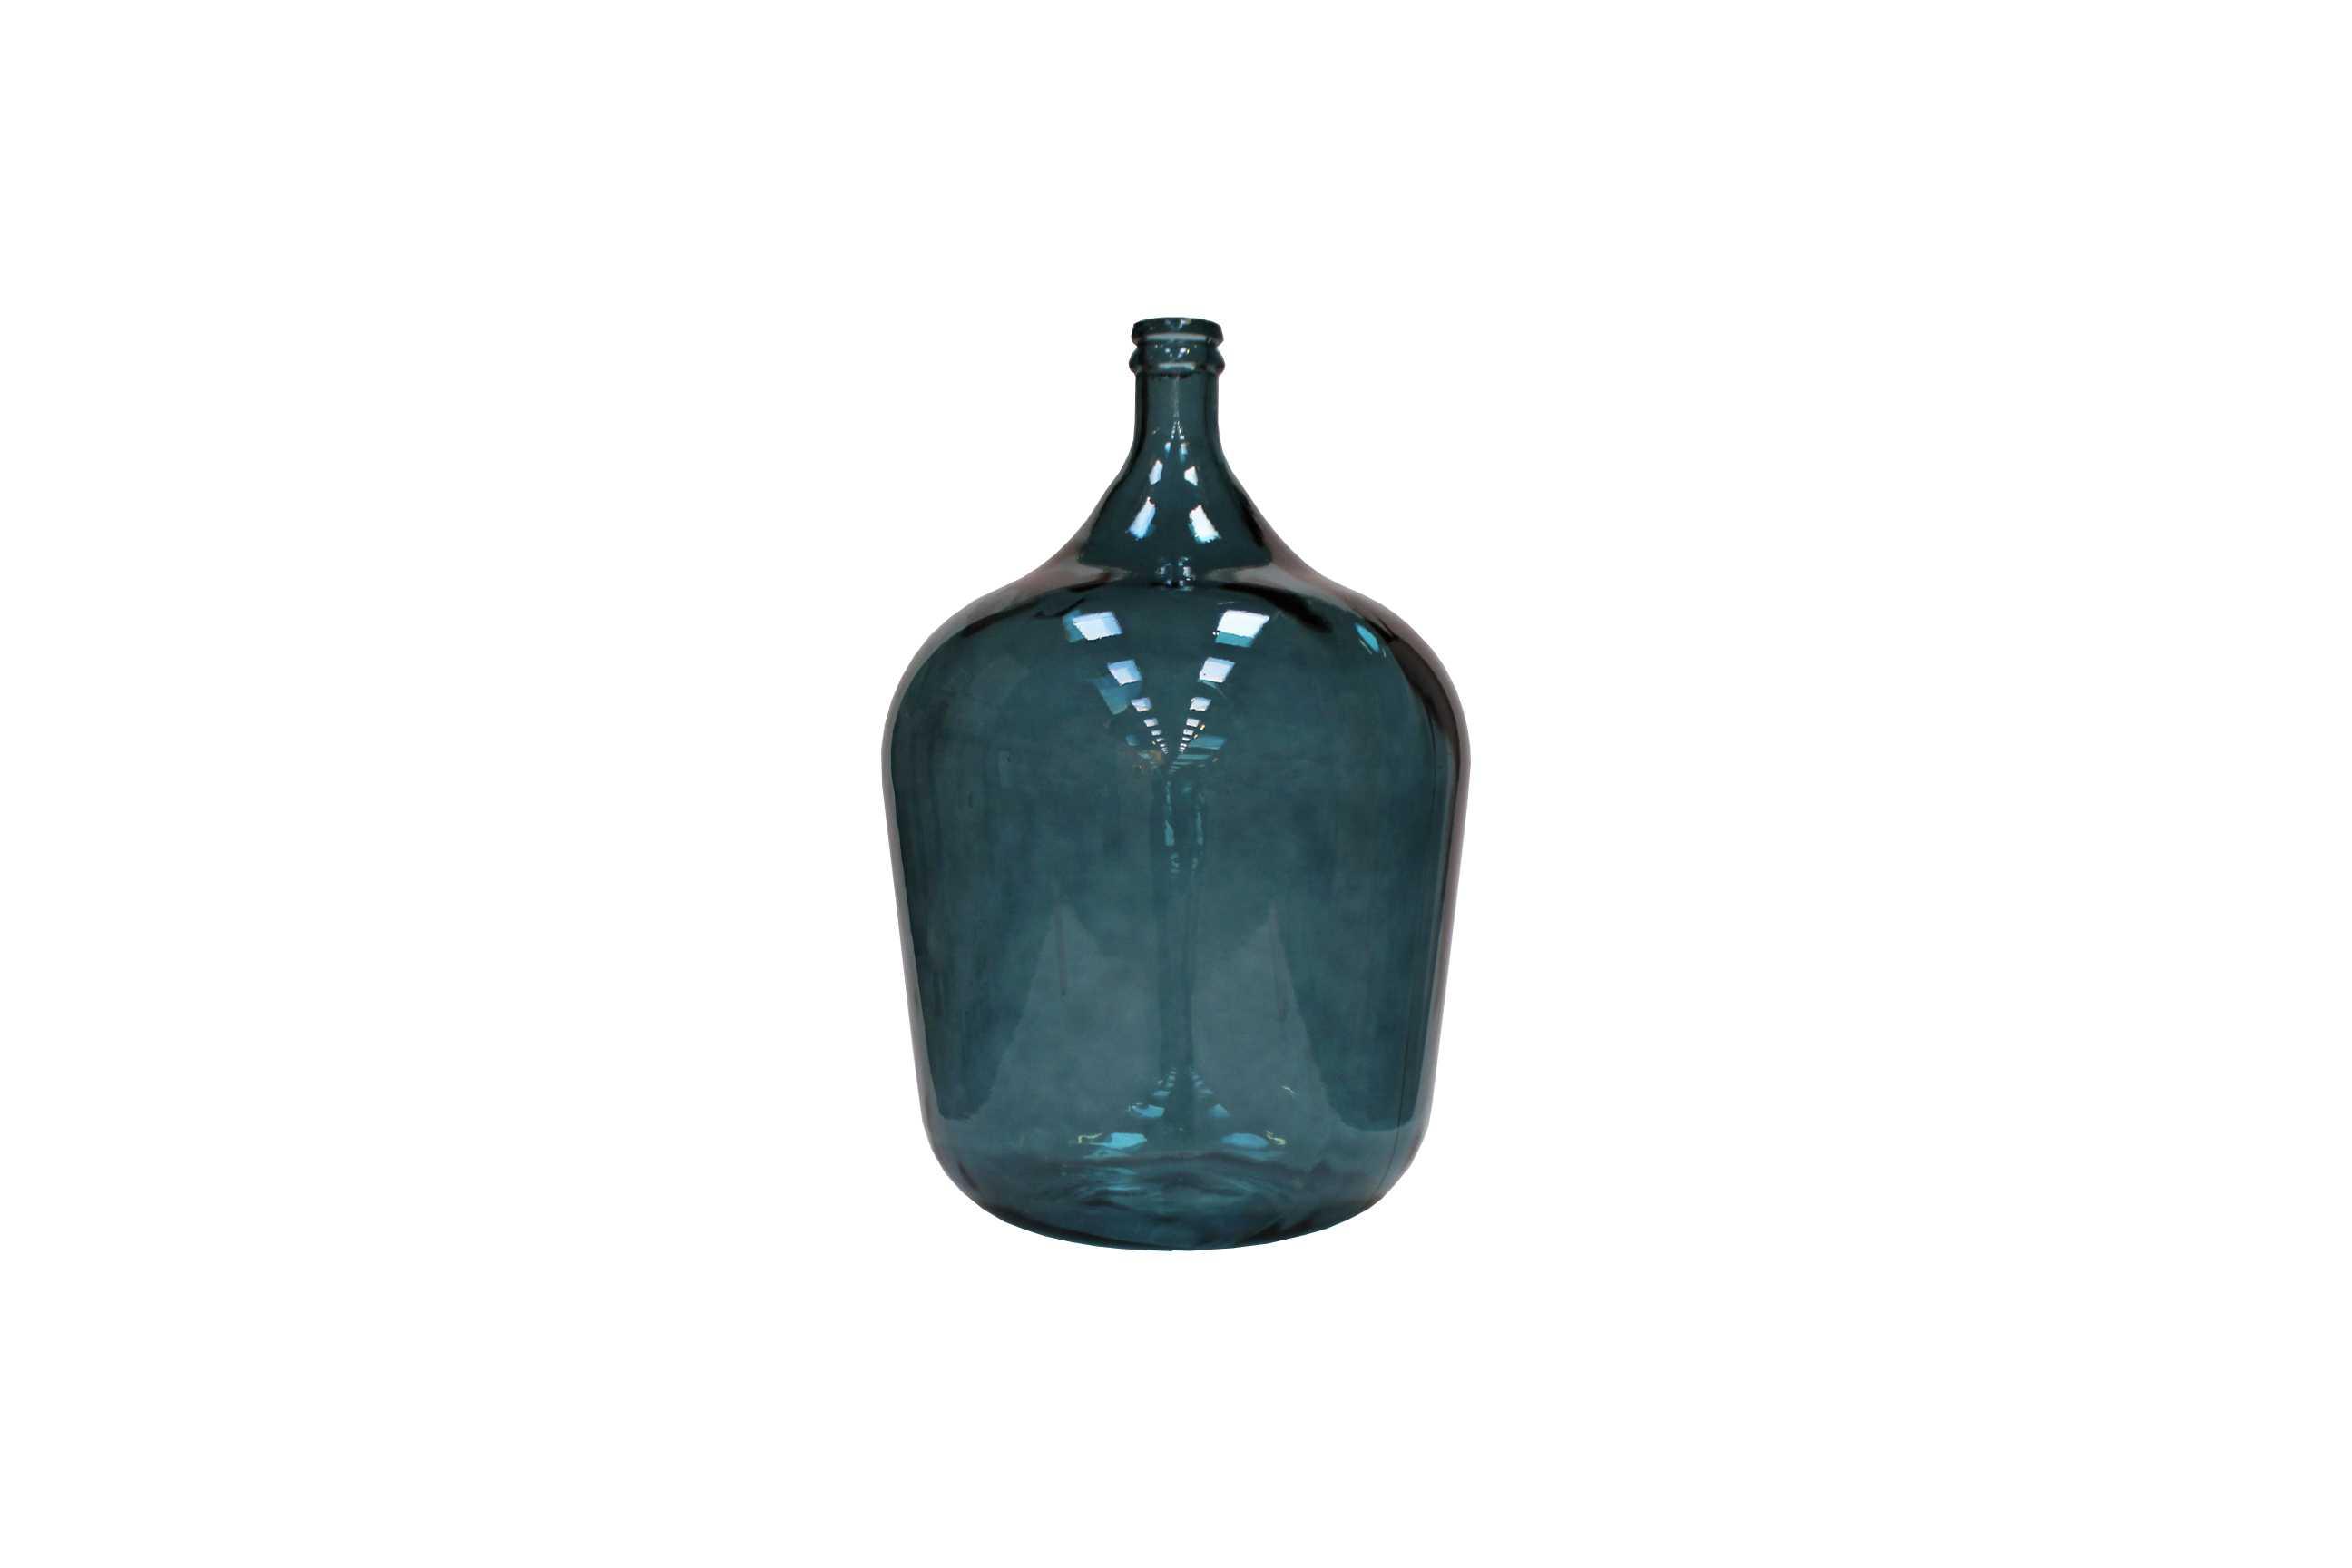 Billede af Carafe vase - 56 cm.